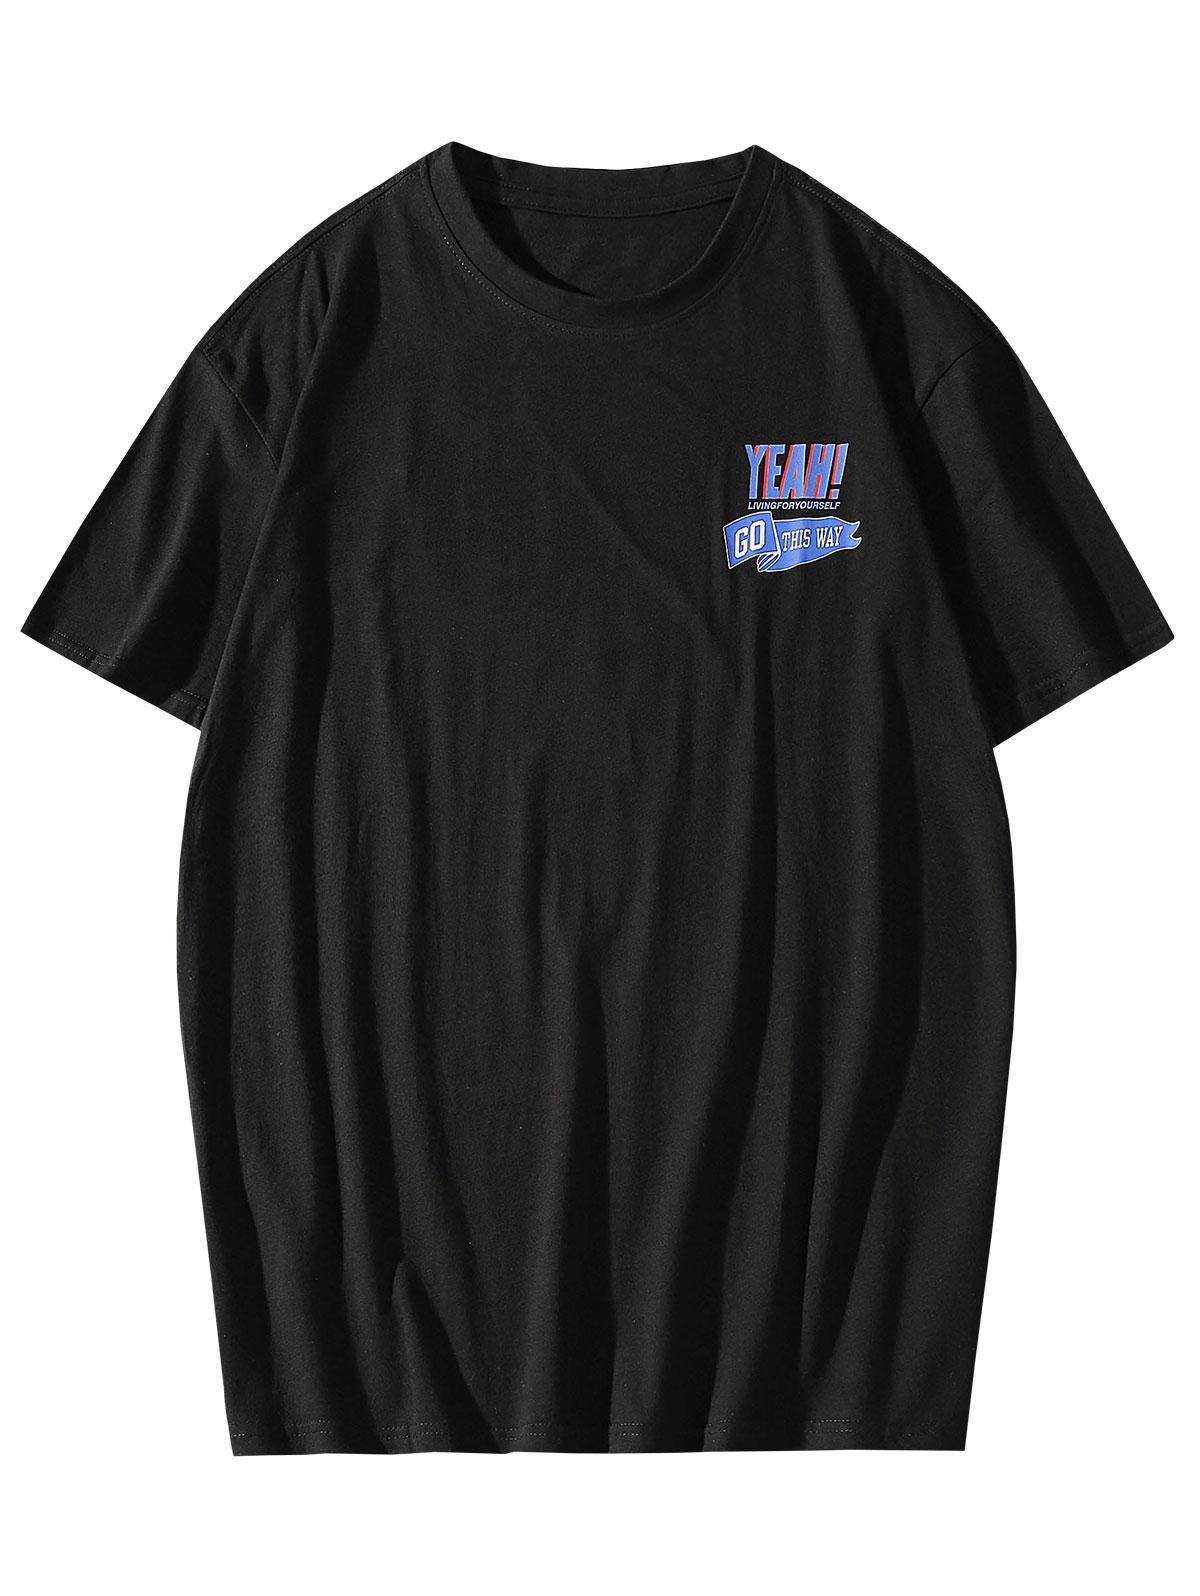 T-shirt Décontracté Graphique Imprimé à Col Rond S - Zaful FR - Modalova